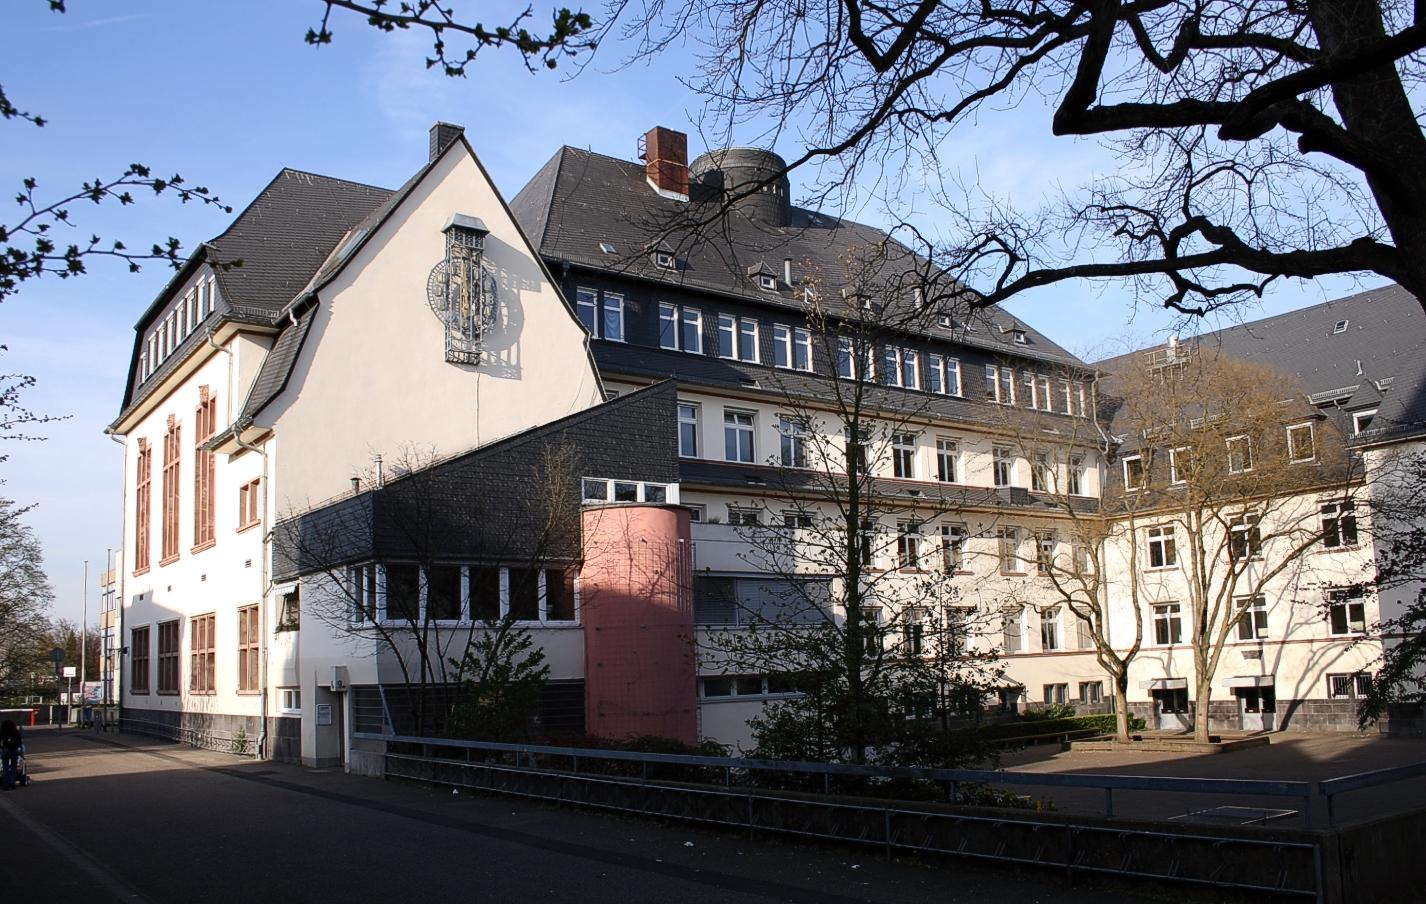 Ziehenschule Wikipedia